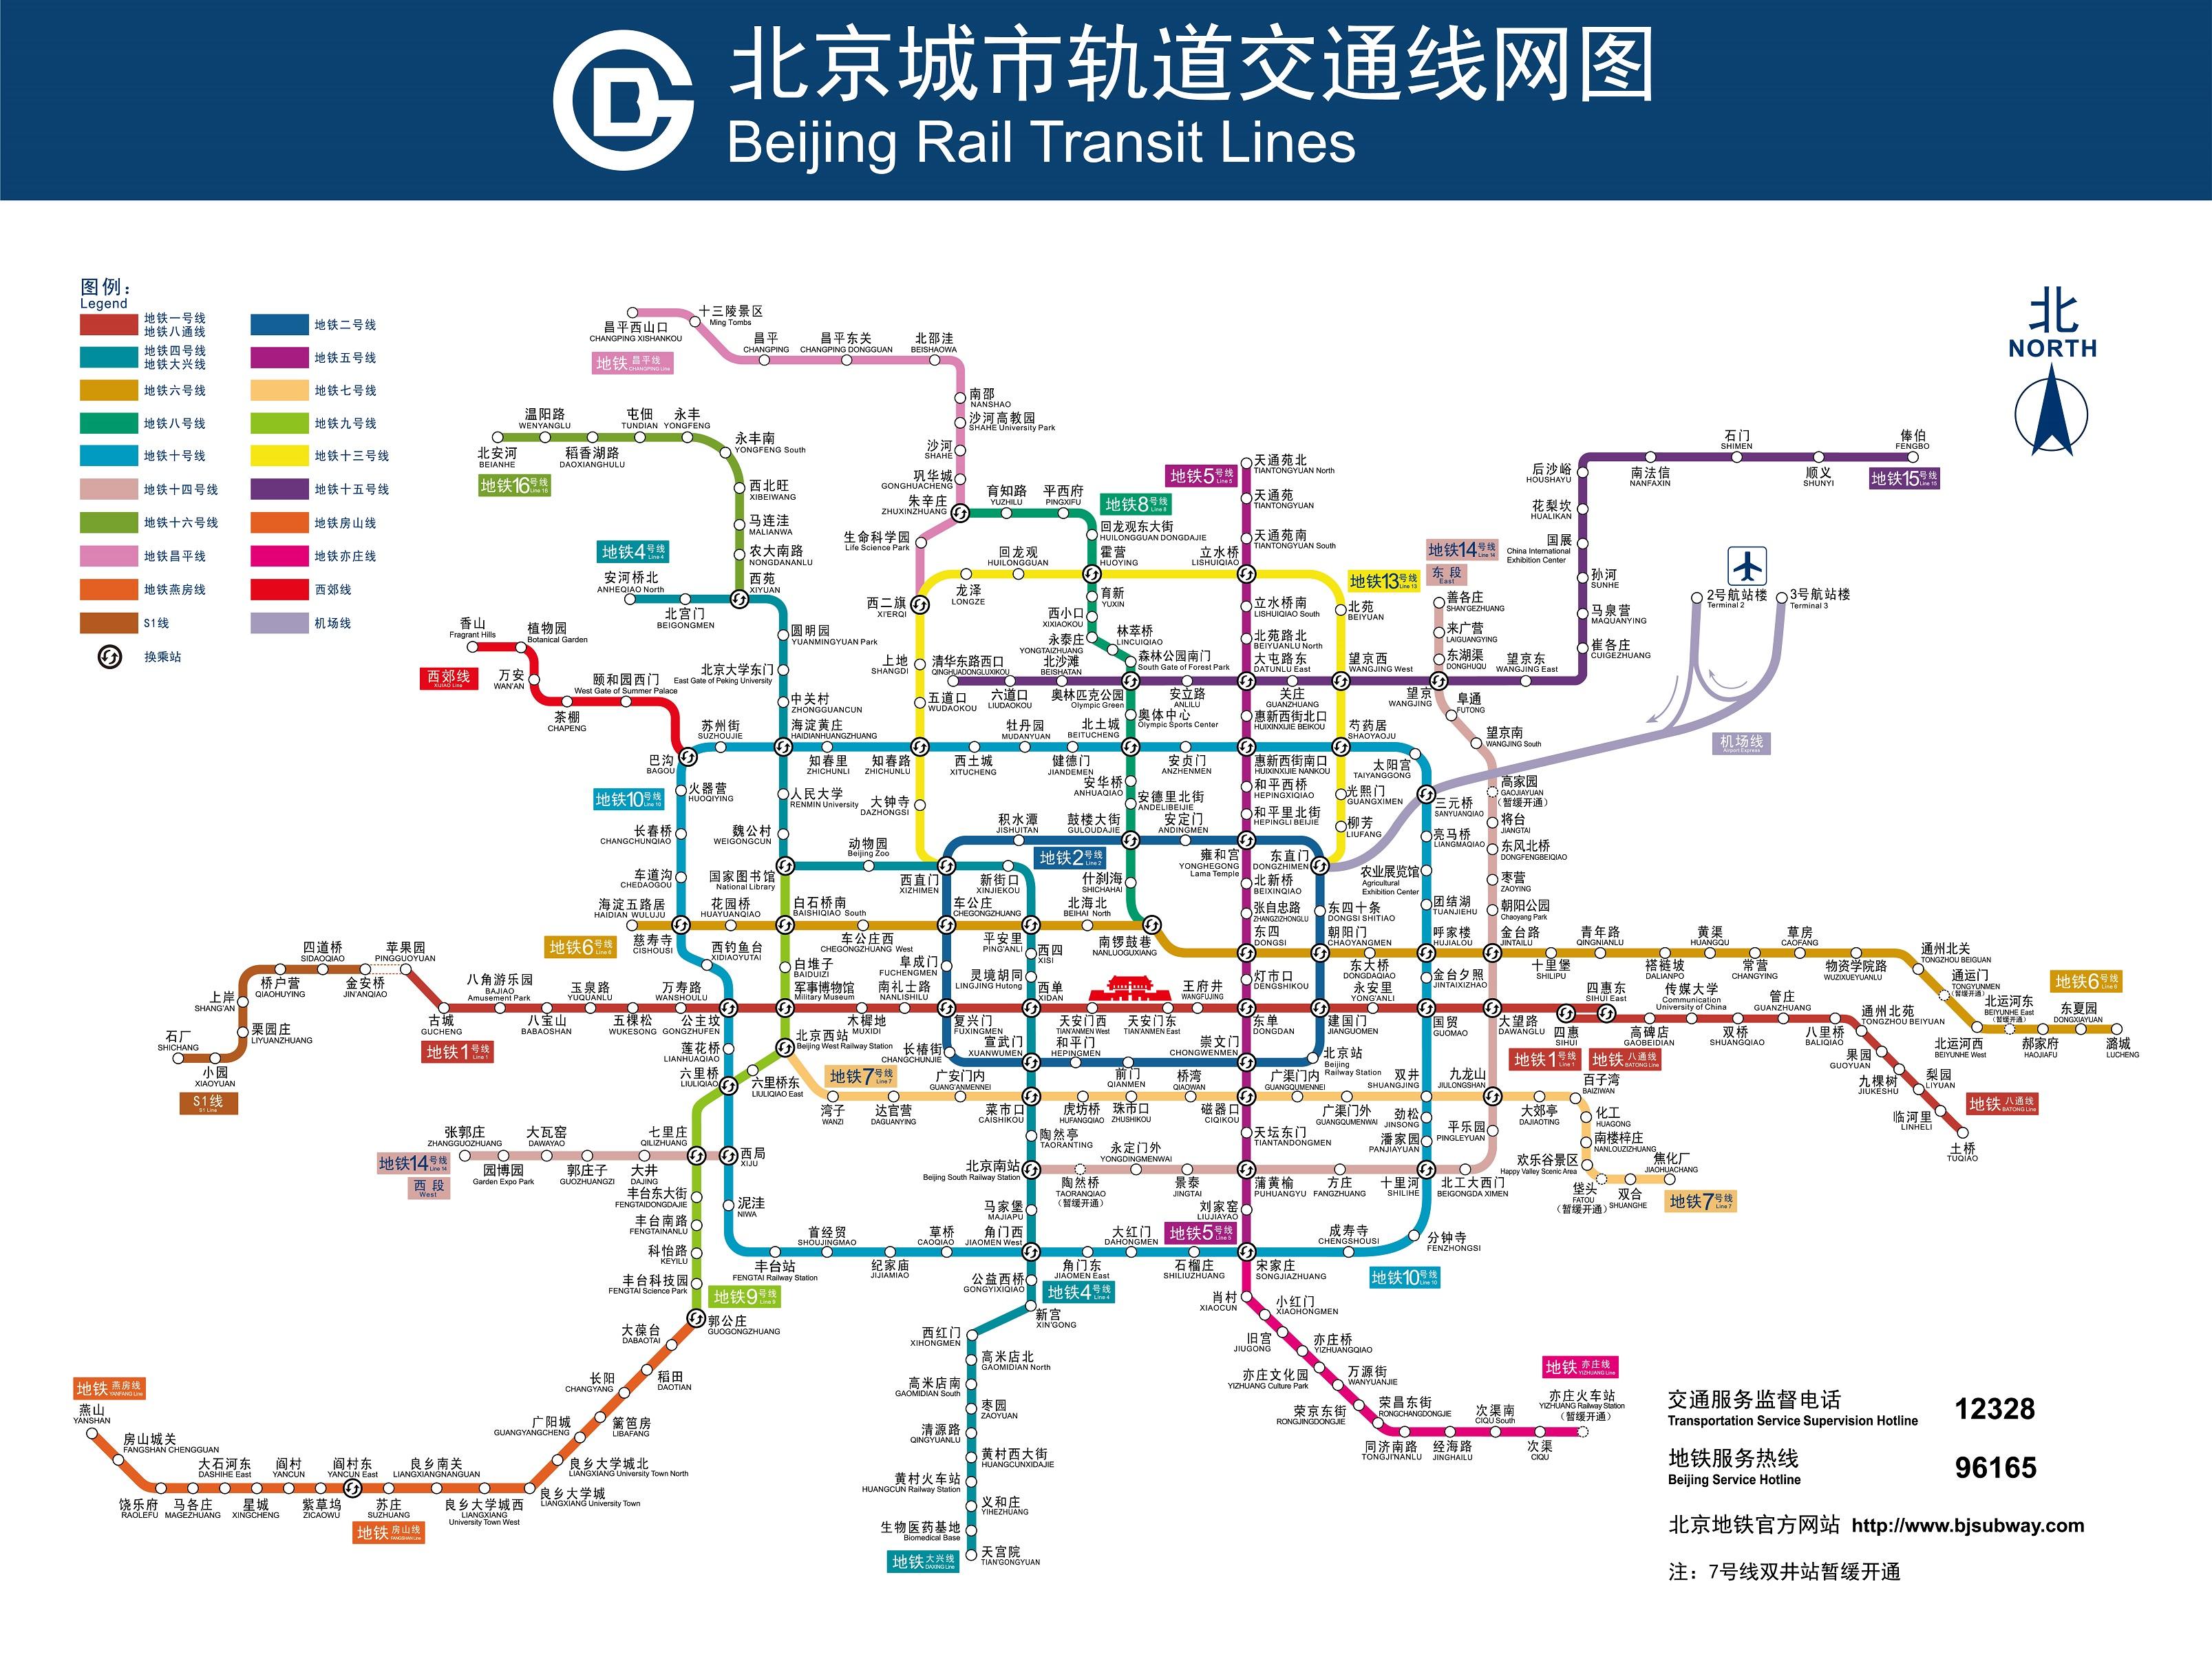 """北京城市轨道交通线网图""""""""/"""